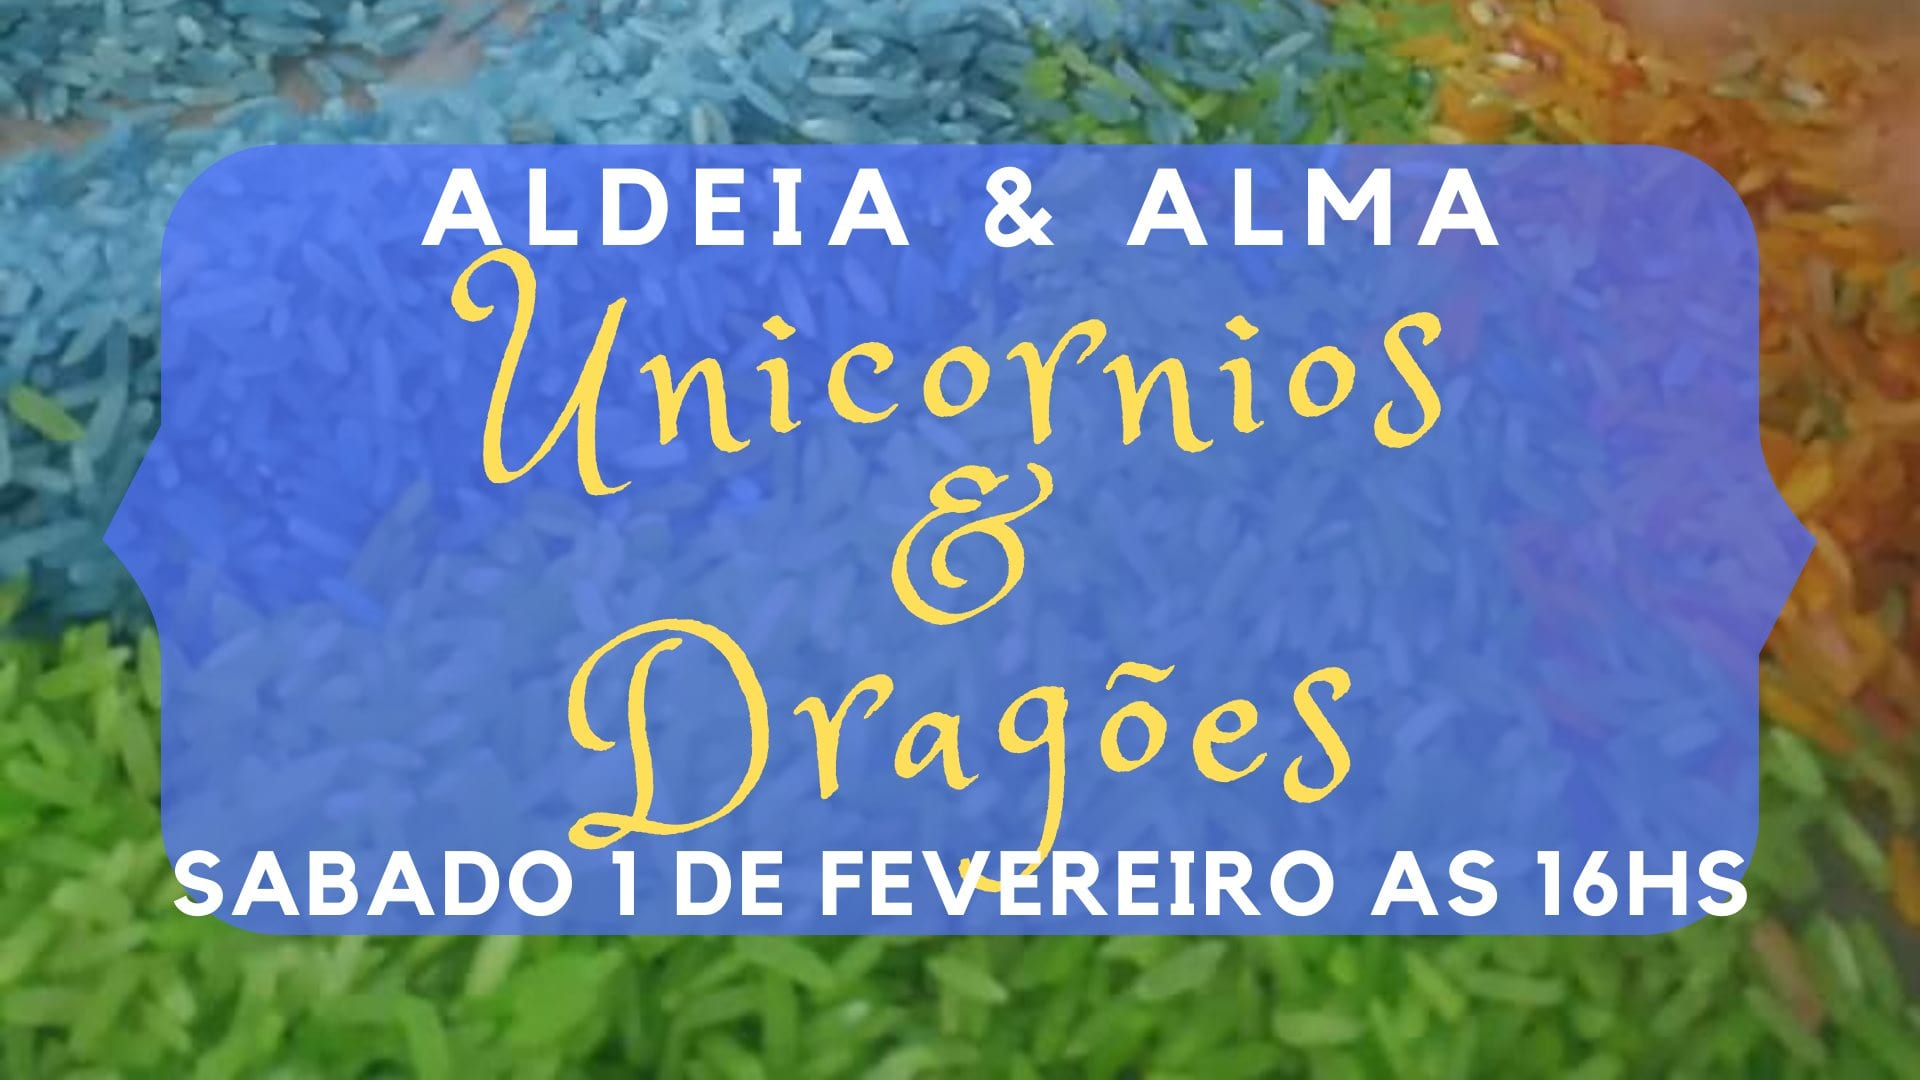 Unicornios e dragoes